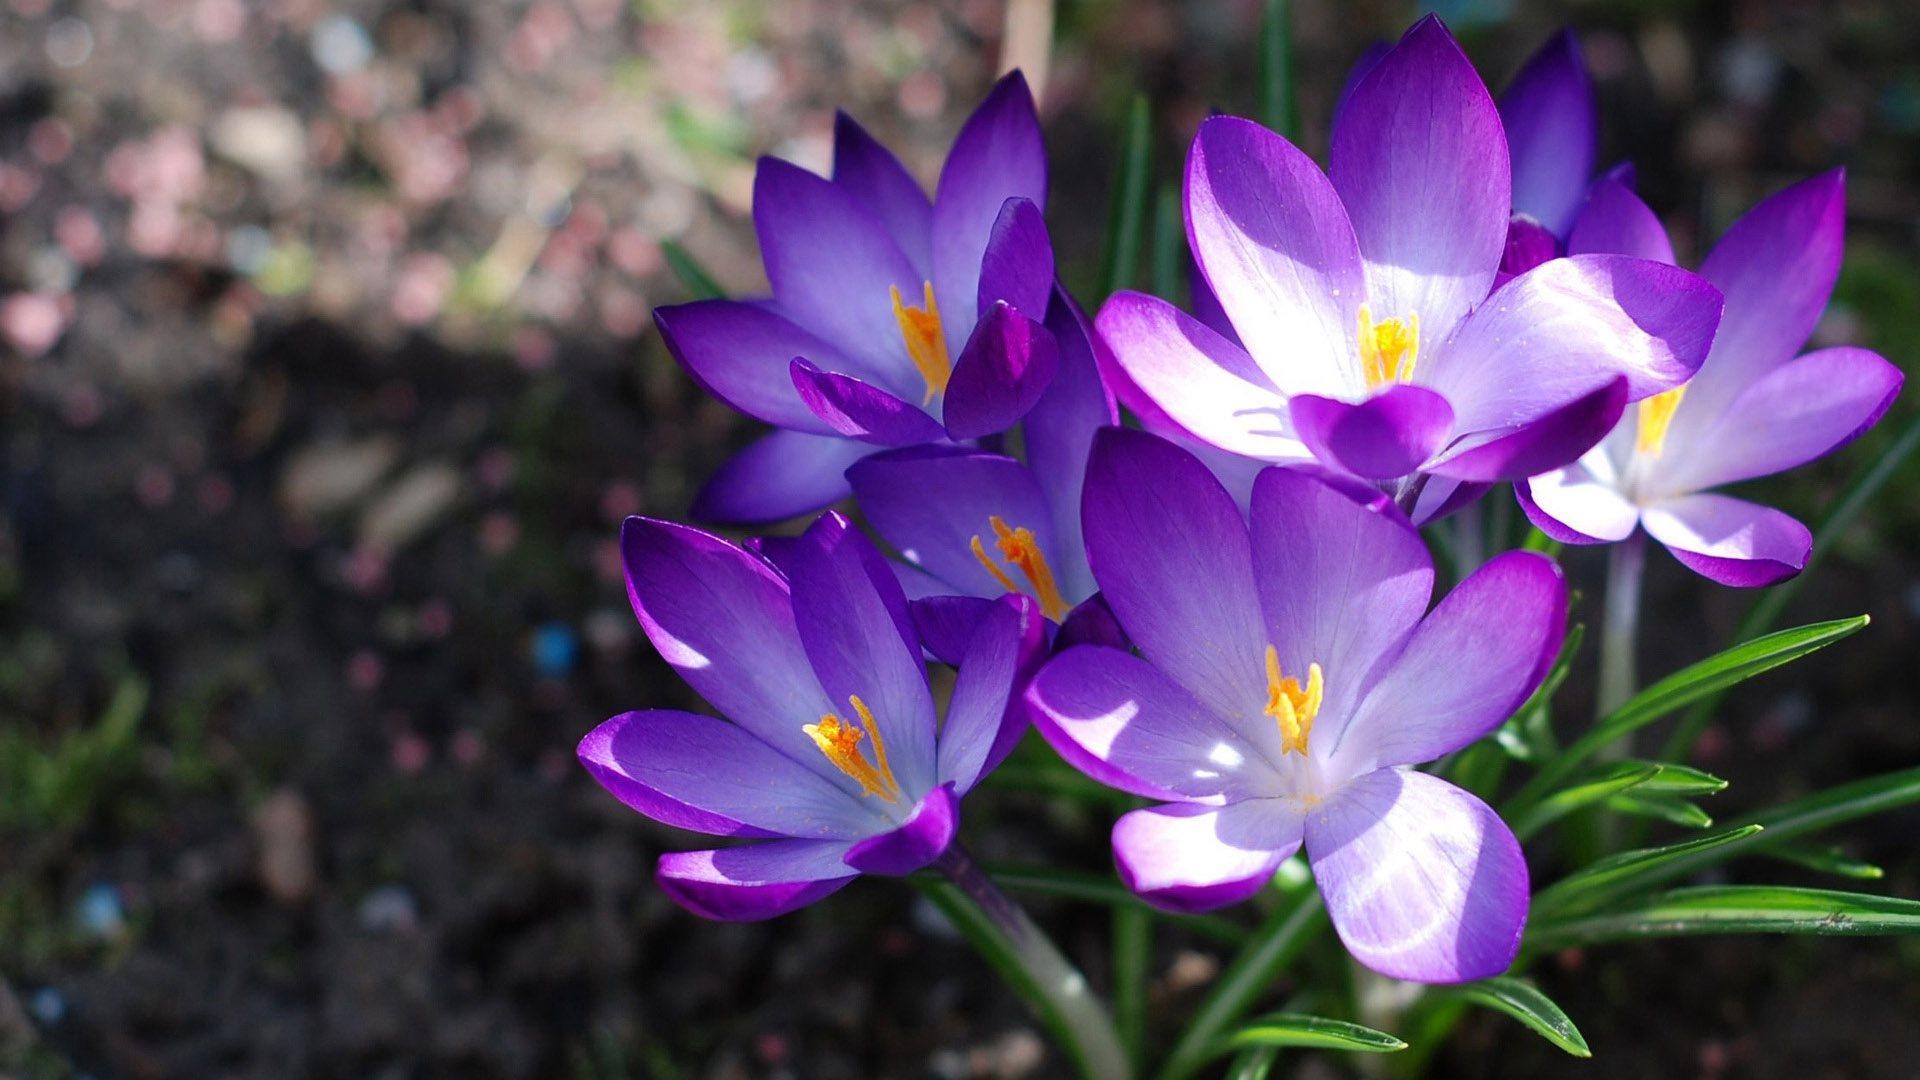 красивые цветы картинка на рабочий стол